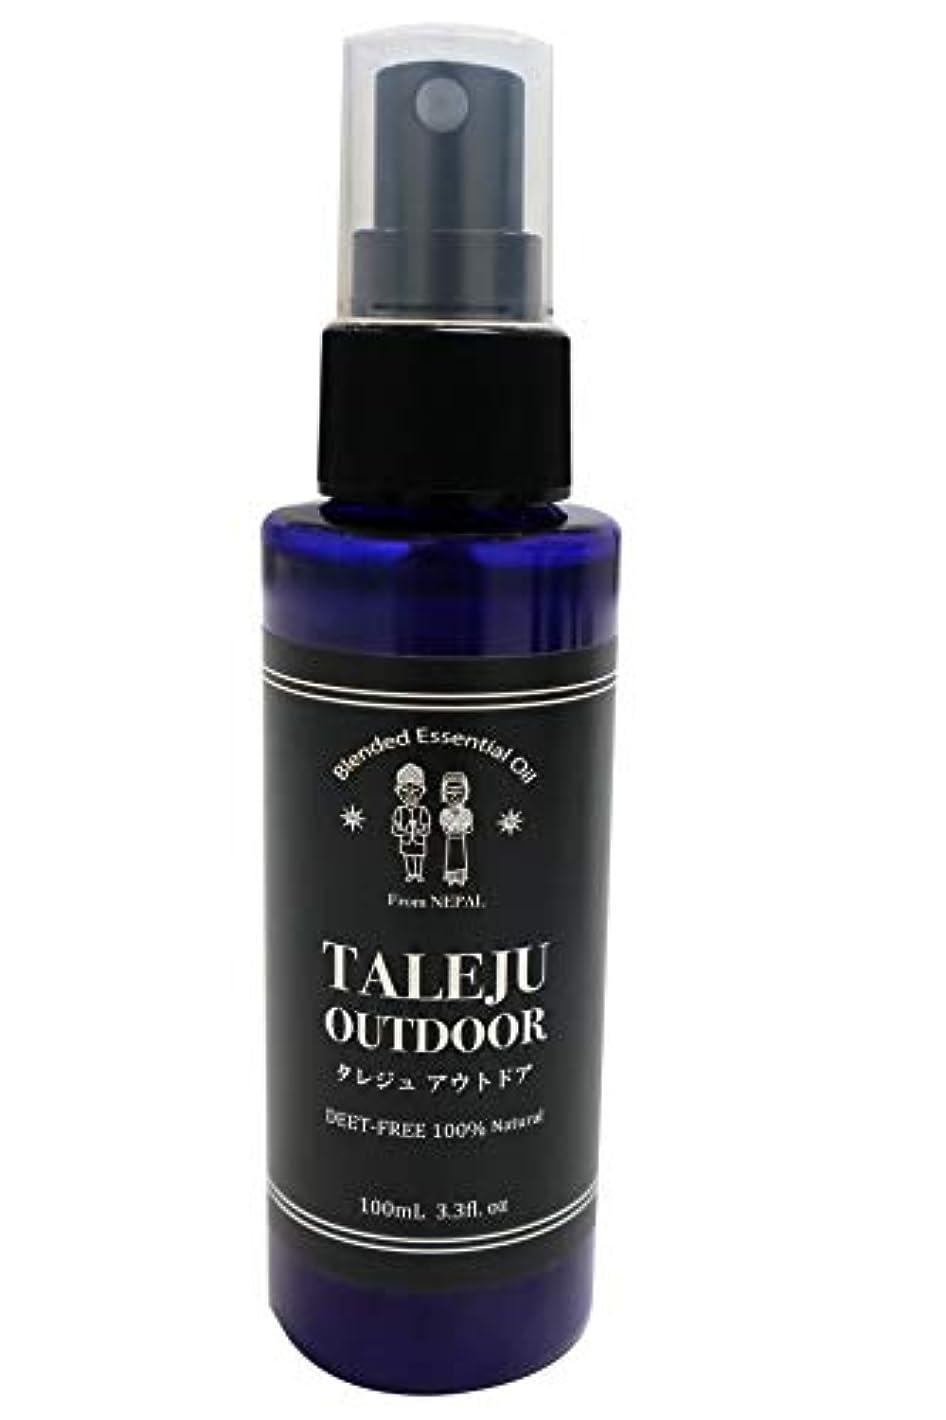 柔らかい微弱忌避剤天然成分 虫よけミスト タレジュアウトドア 8種類の精油+月桃成分 100ML